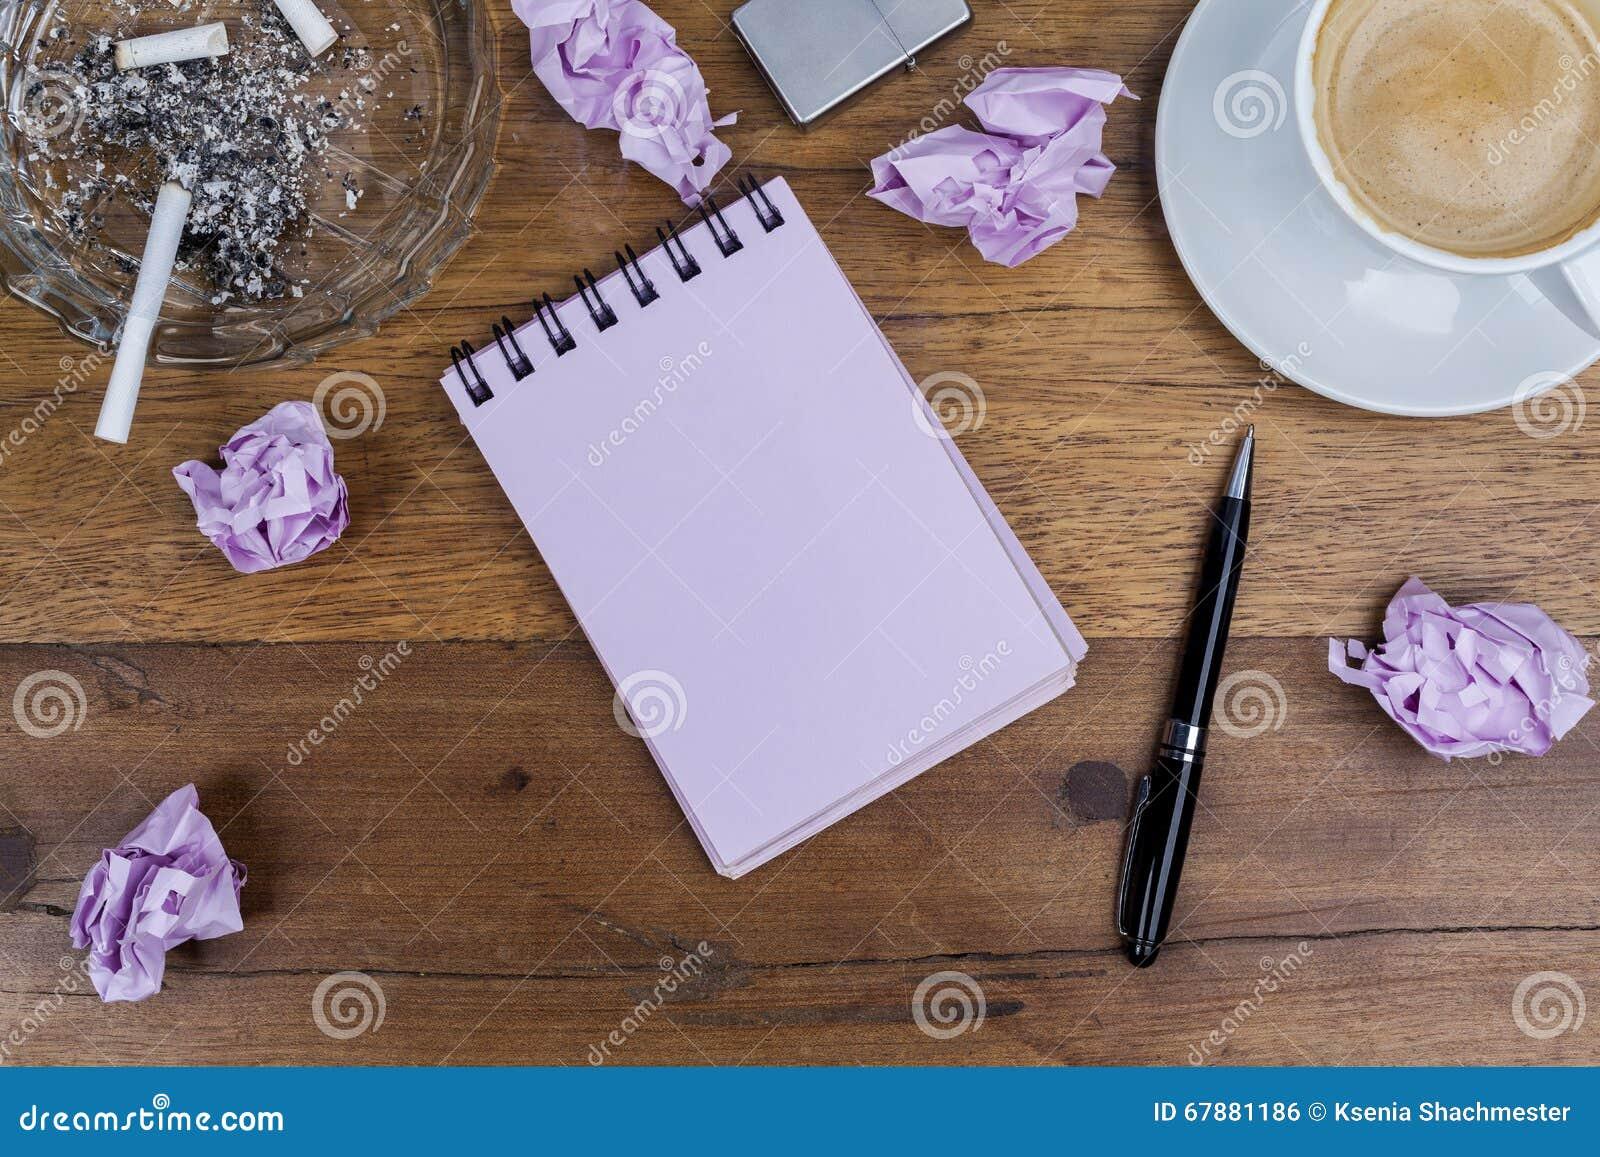 笔记本笔咖啡烟灰缸香烟弄皱了在木桌上的纸